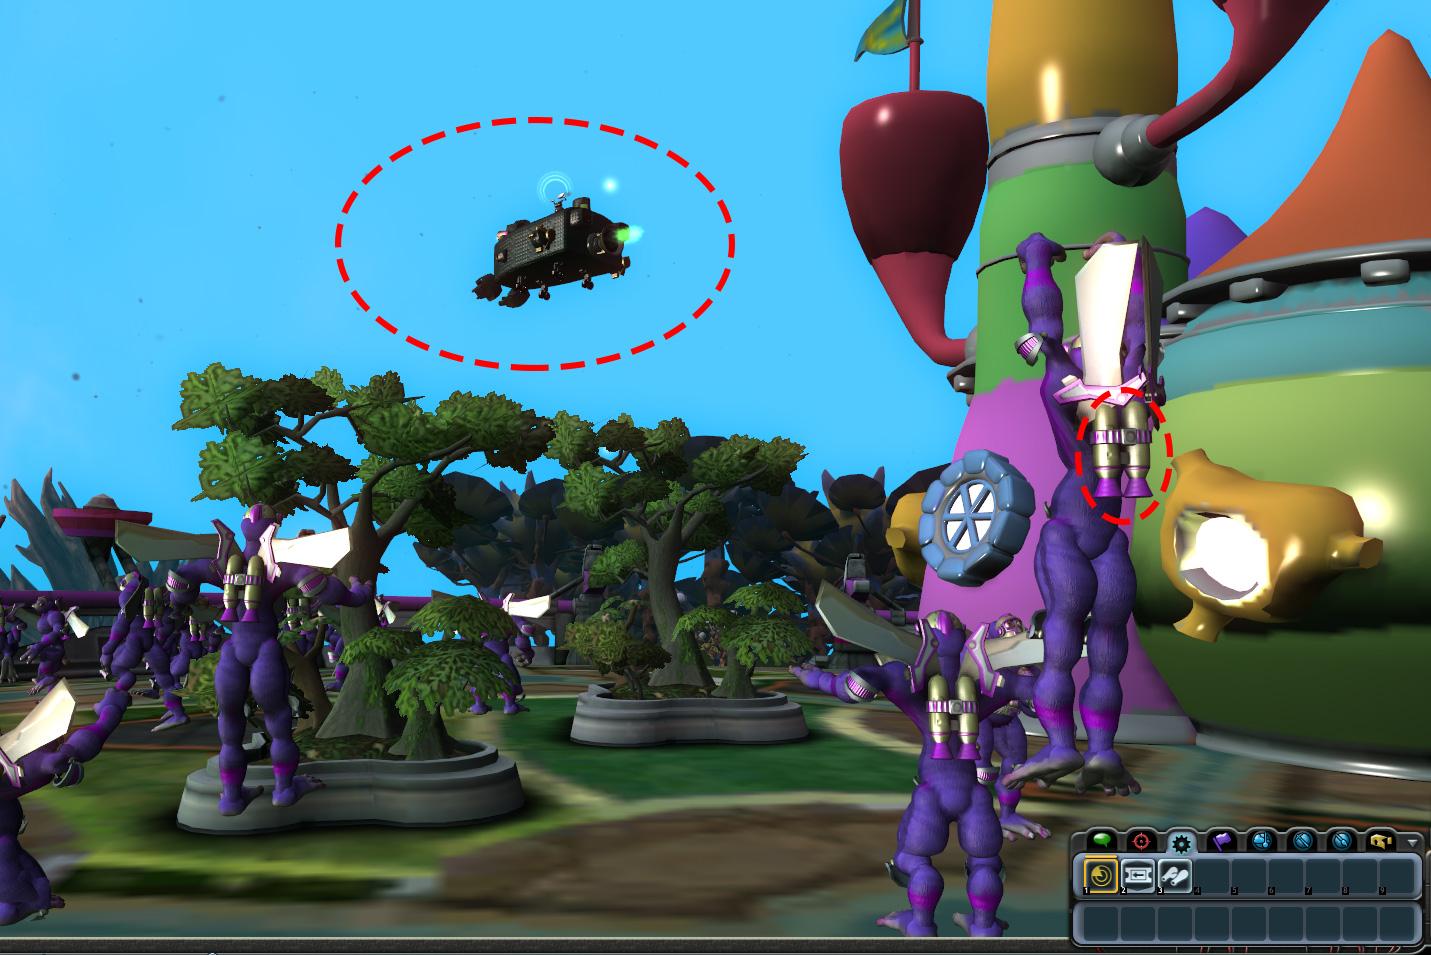 Guía para mejorar los gráficos de Spore! - Página 2 USxATNuK